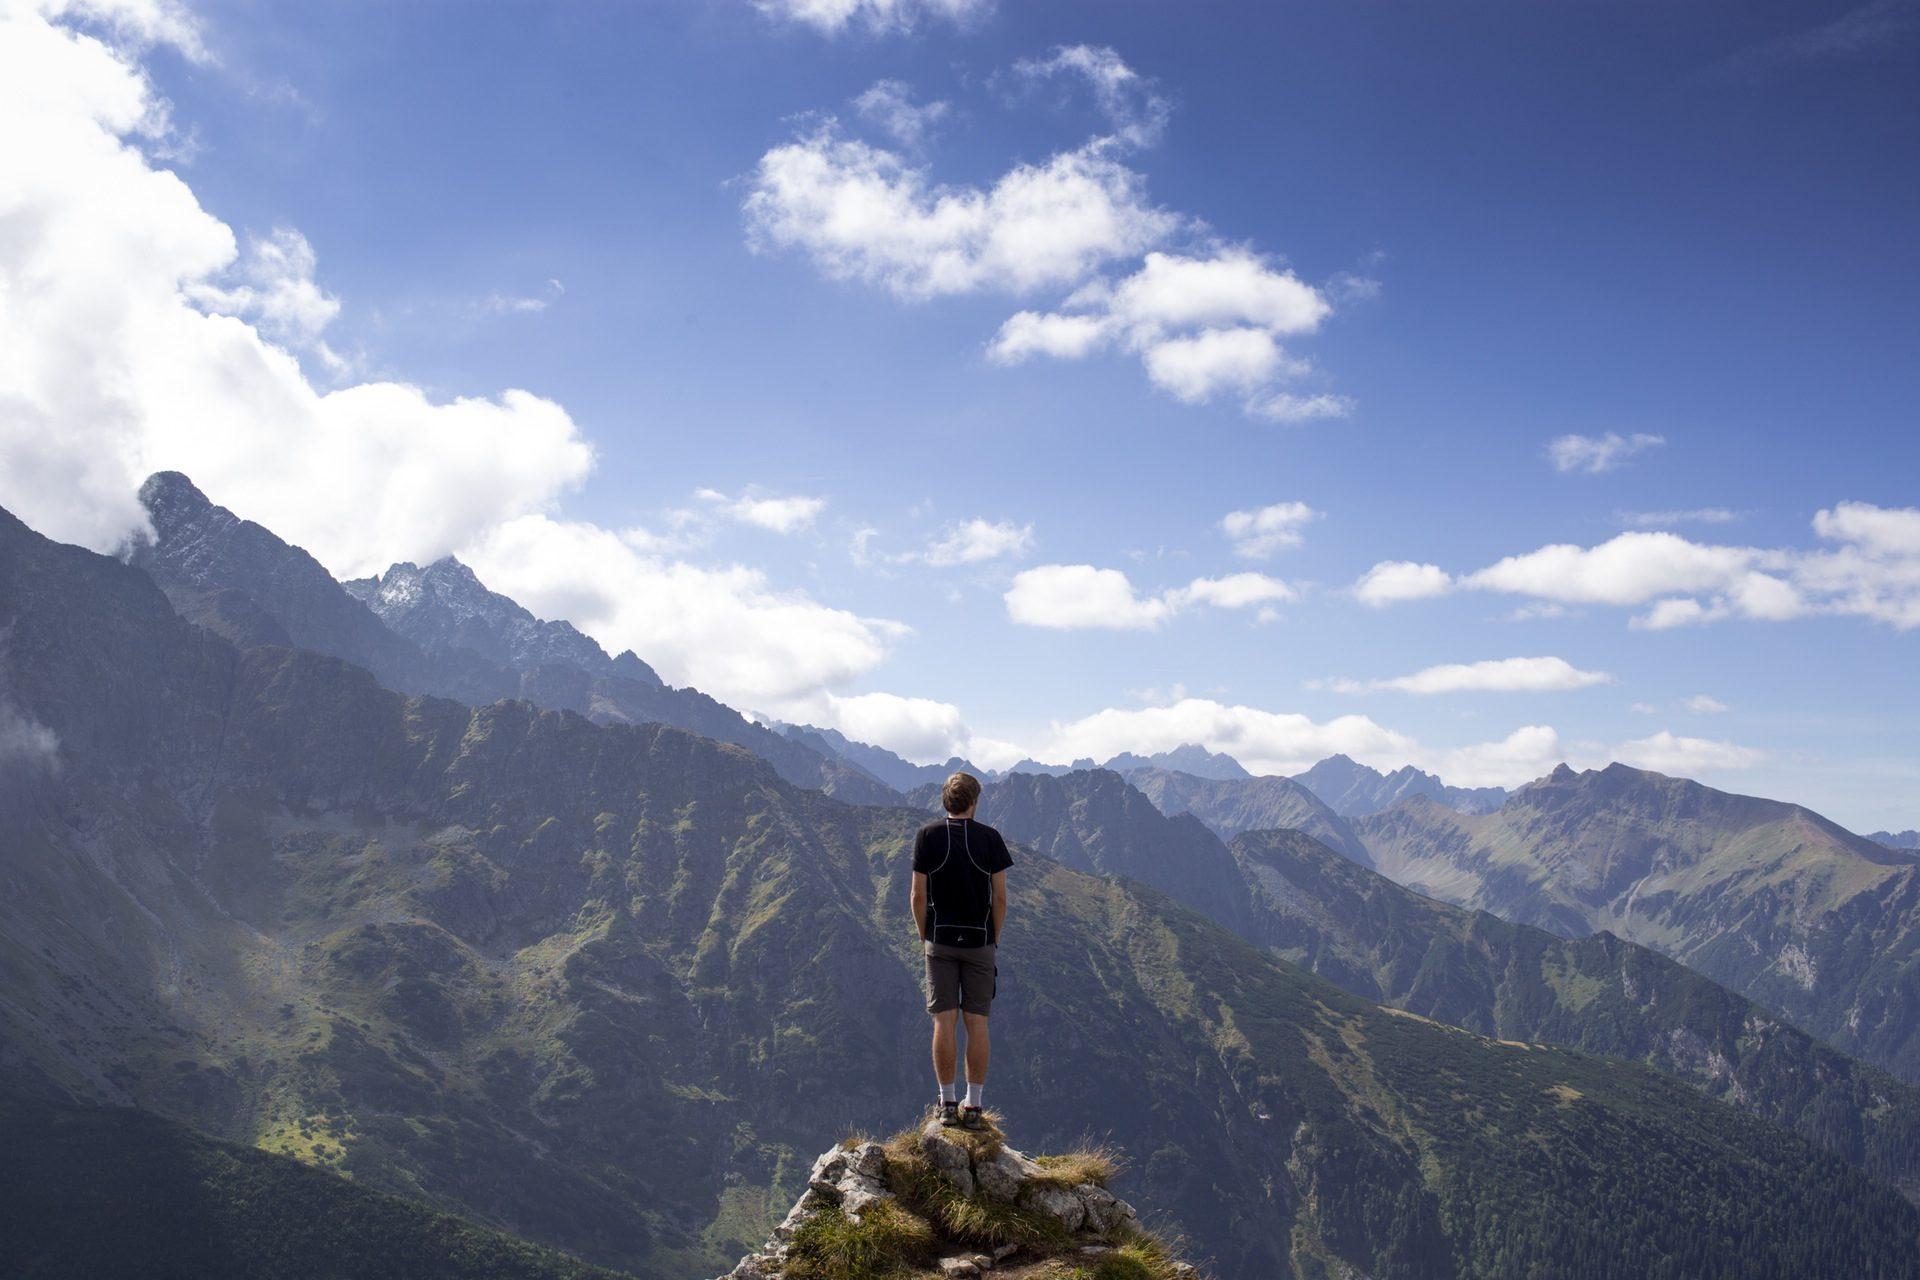 homem, montanhas, pico, altura, nuvens - Papéis de parede HD - Professor-falken.com